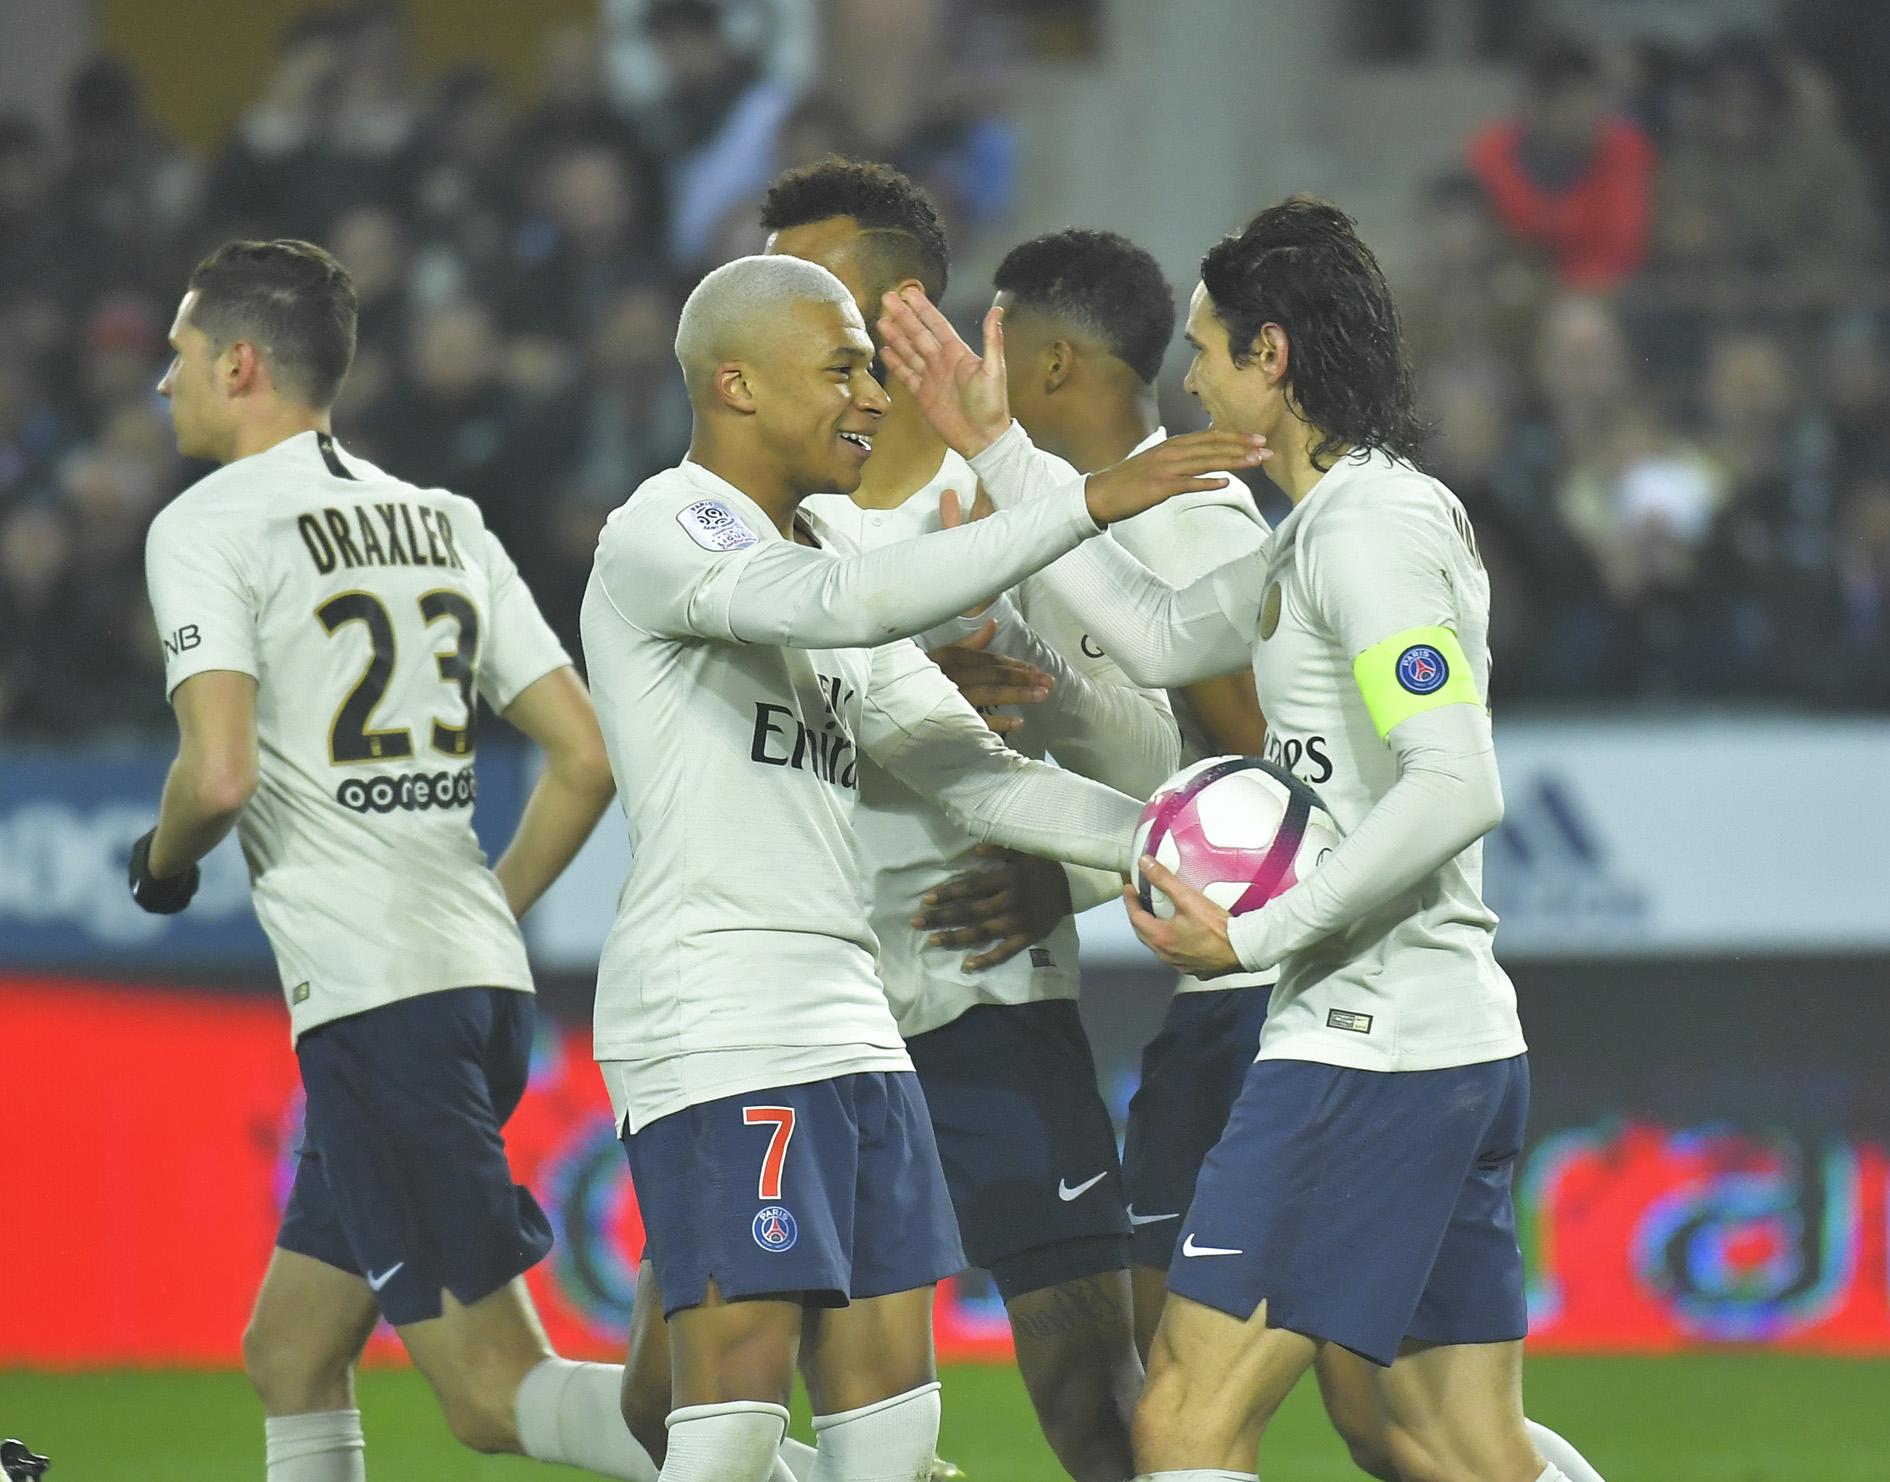 Ligue 1 - Au PSG, pas d'inquiétude : On sera prêt pour Belgrade